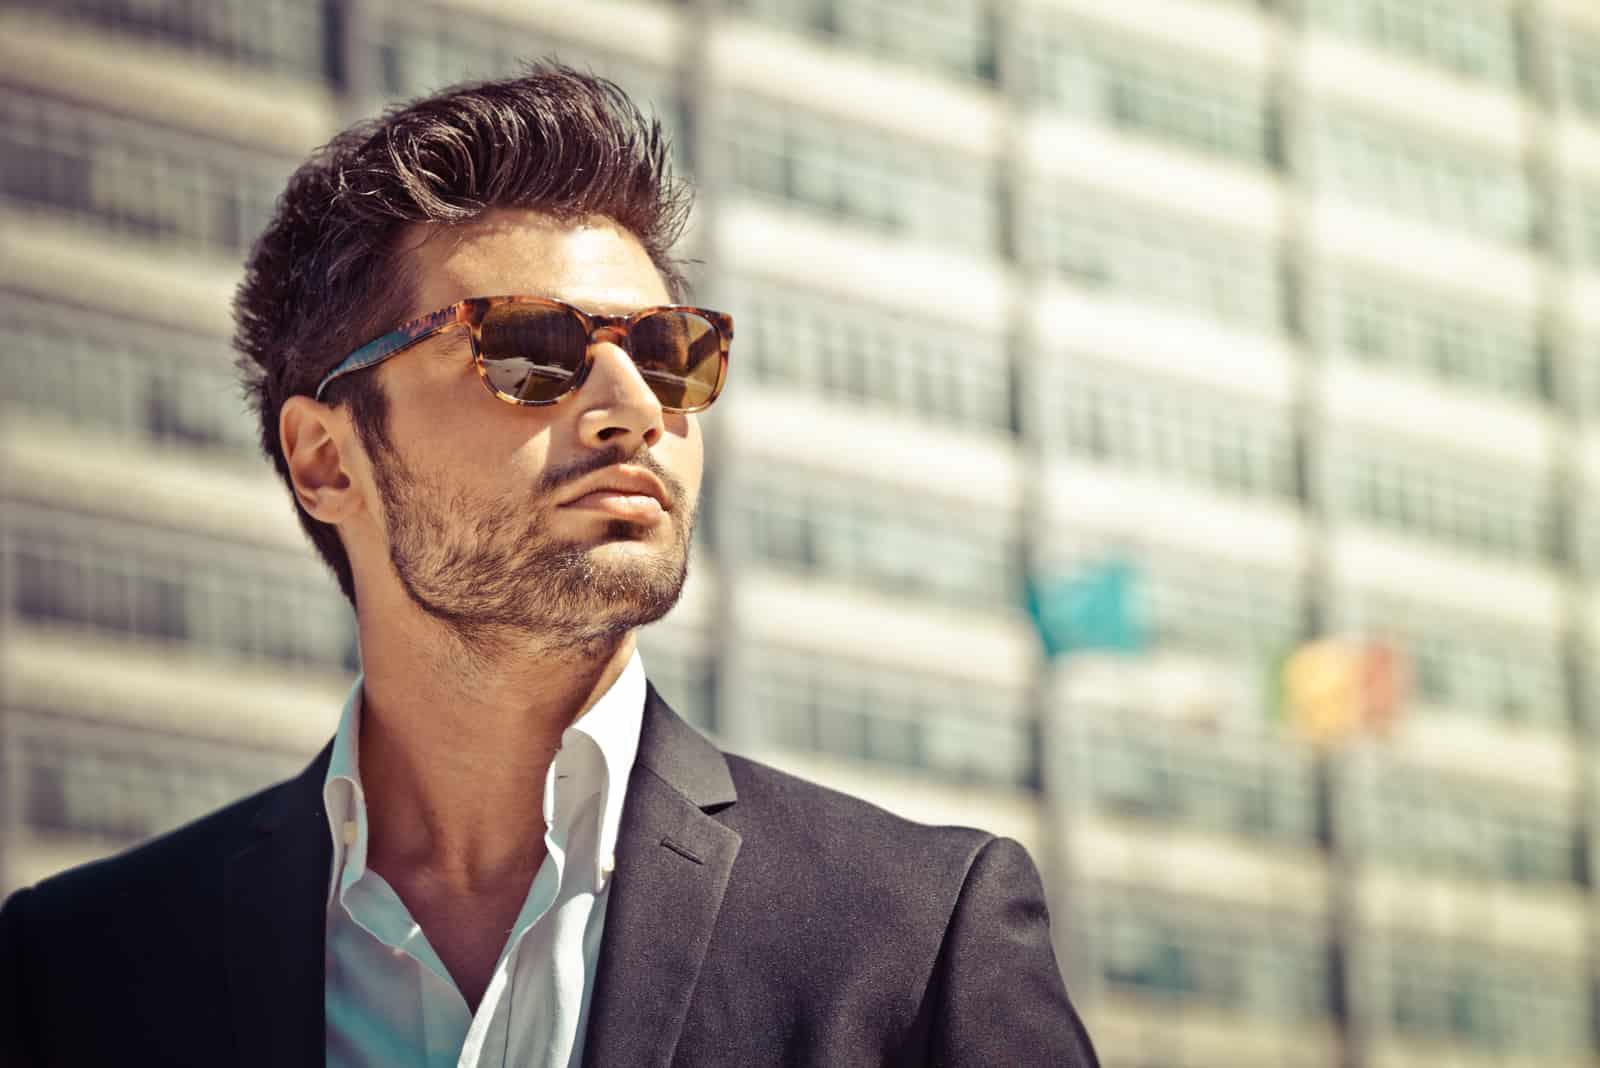 Schöner Geschäftsmann mit Sonnenbrille